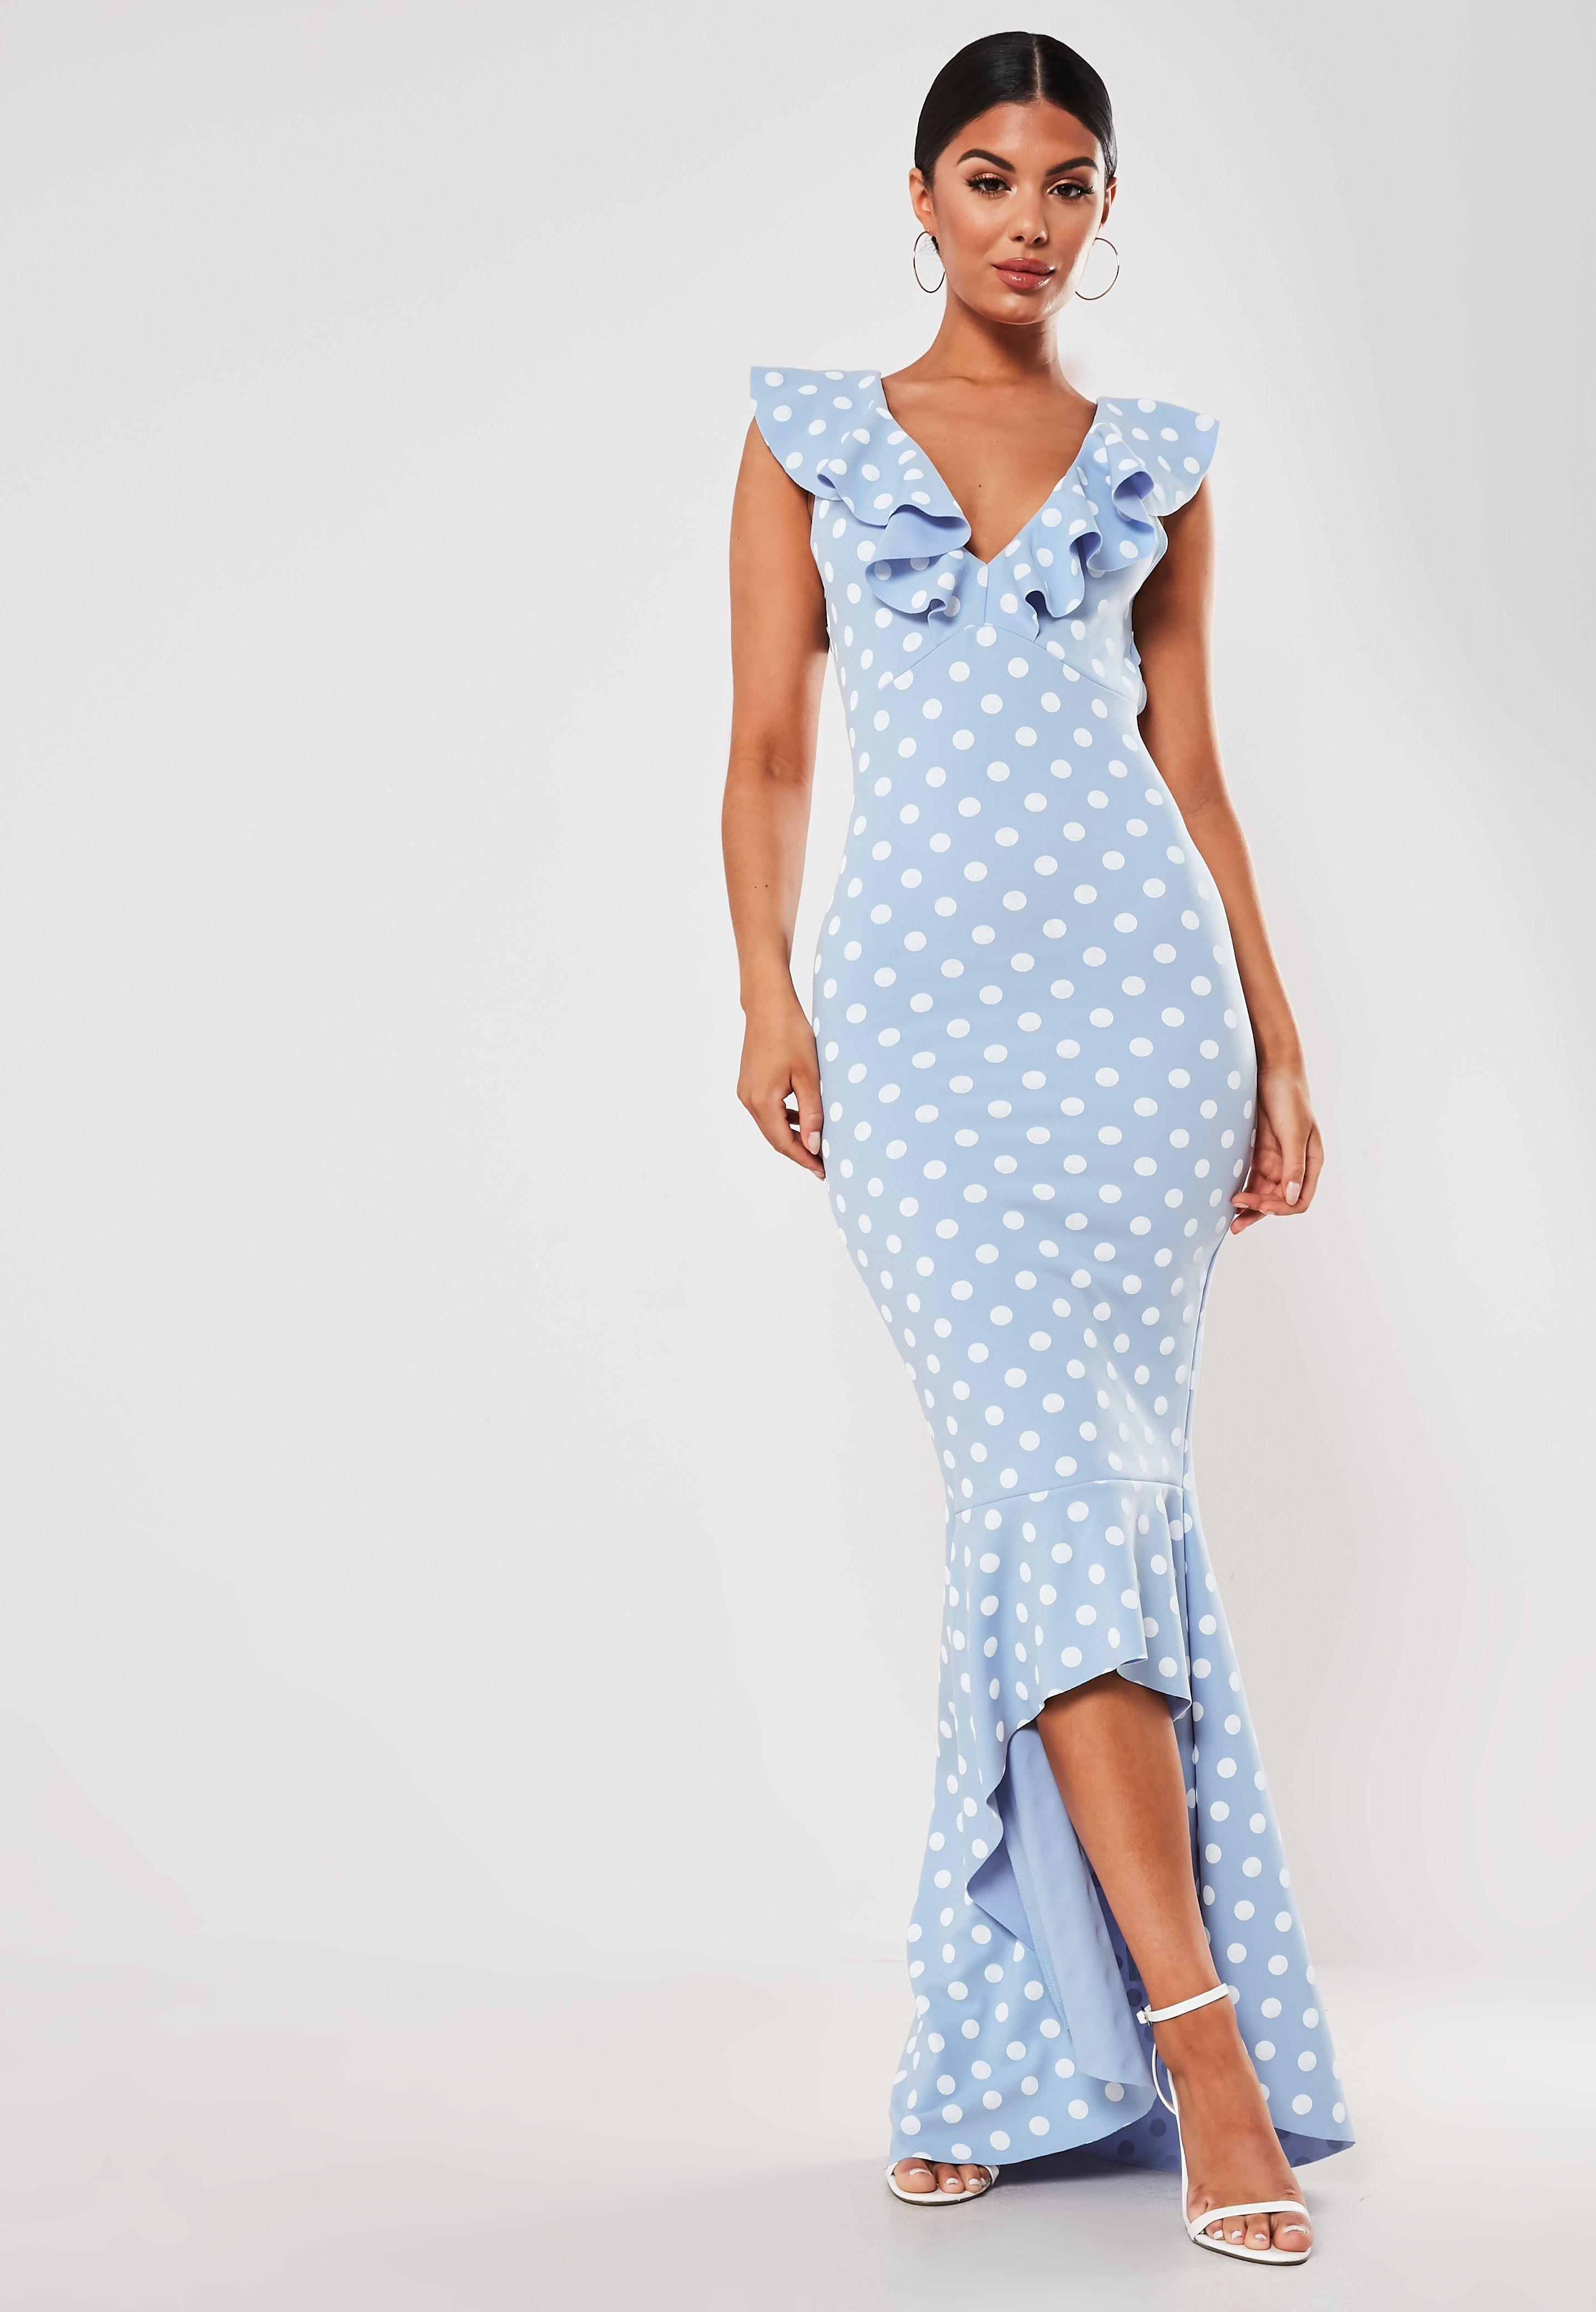 magasin en ligne 986a5 2ce8a Robe bleu clair à pois mi-longue à volants